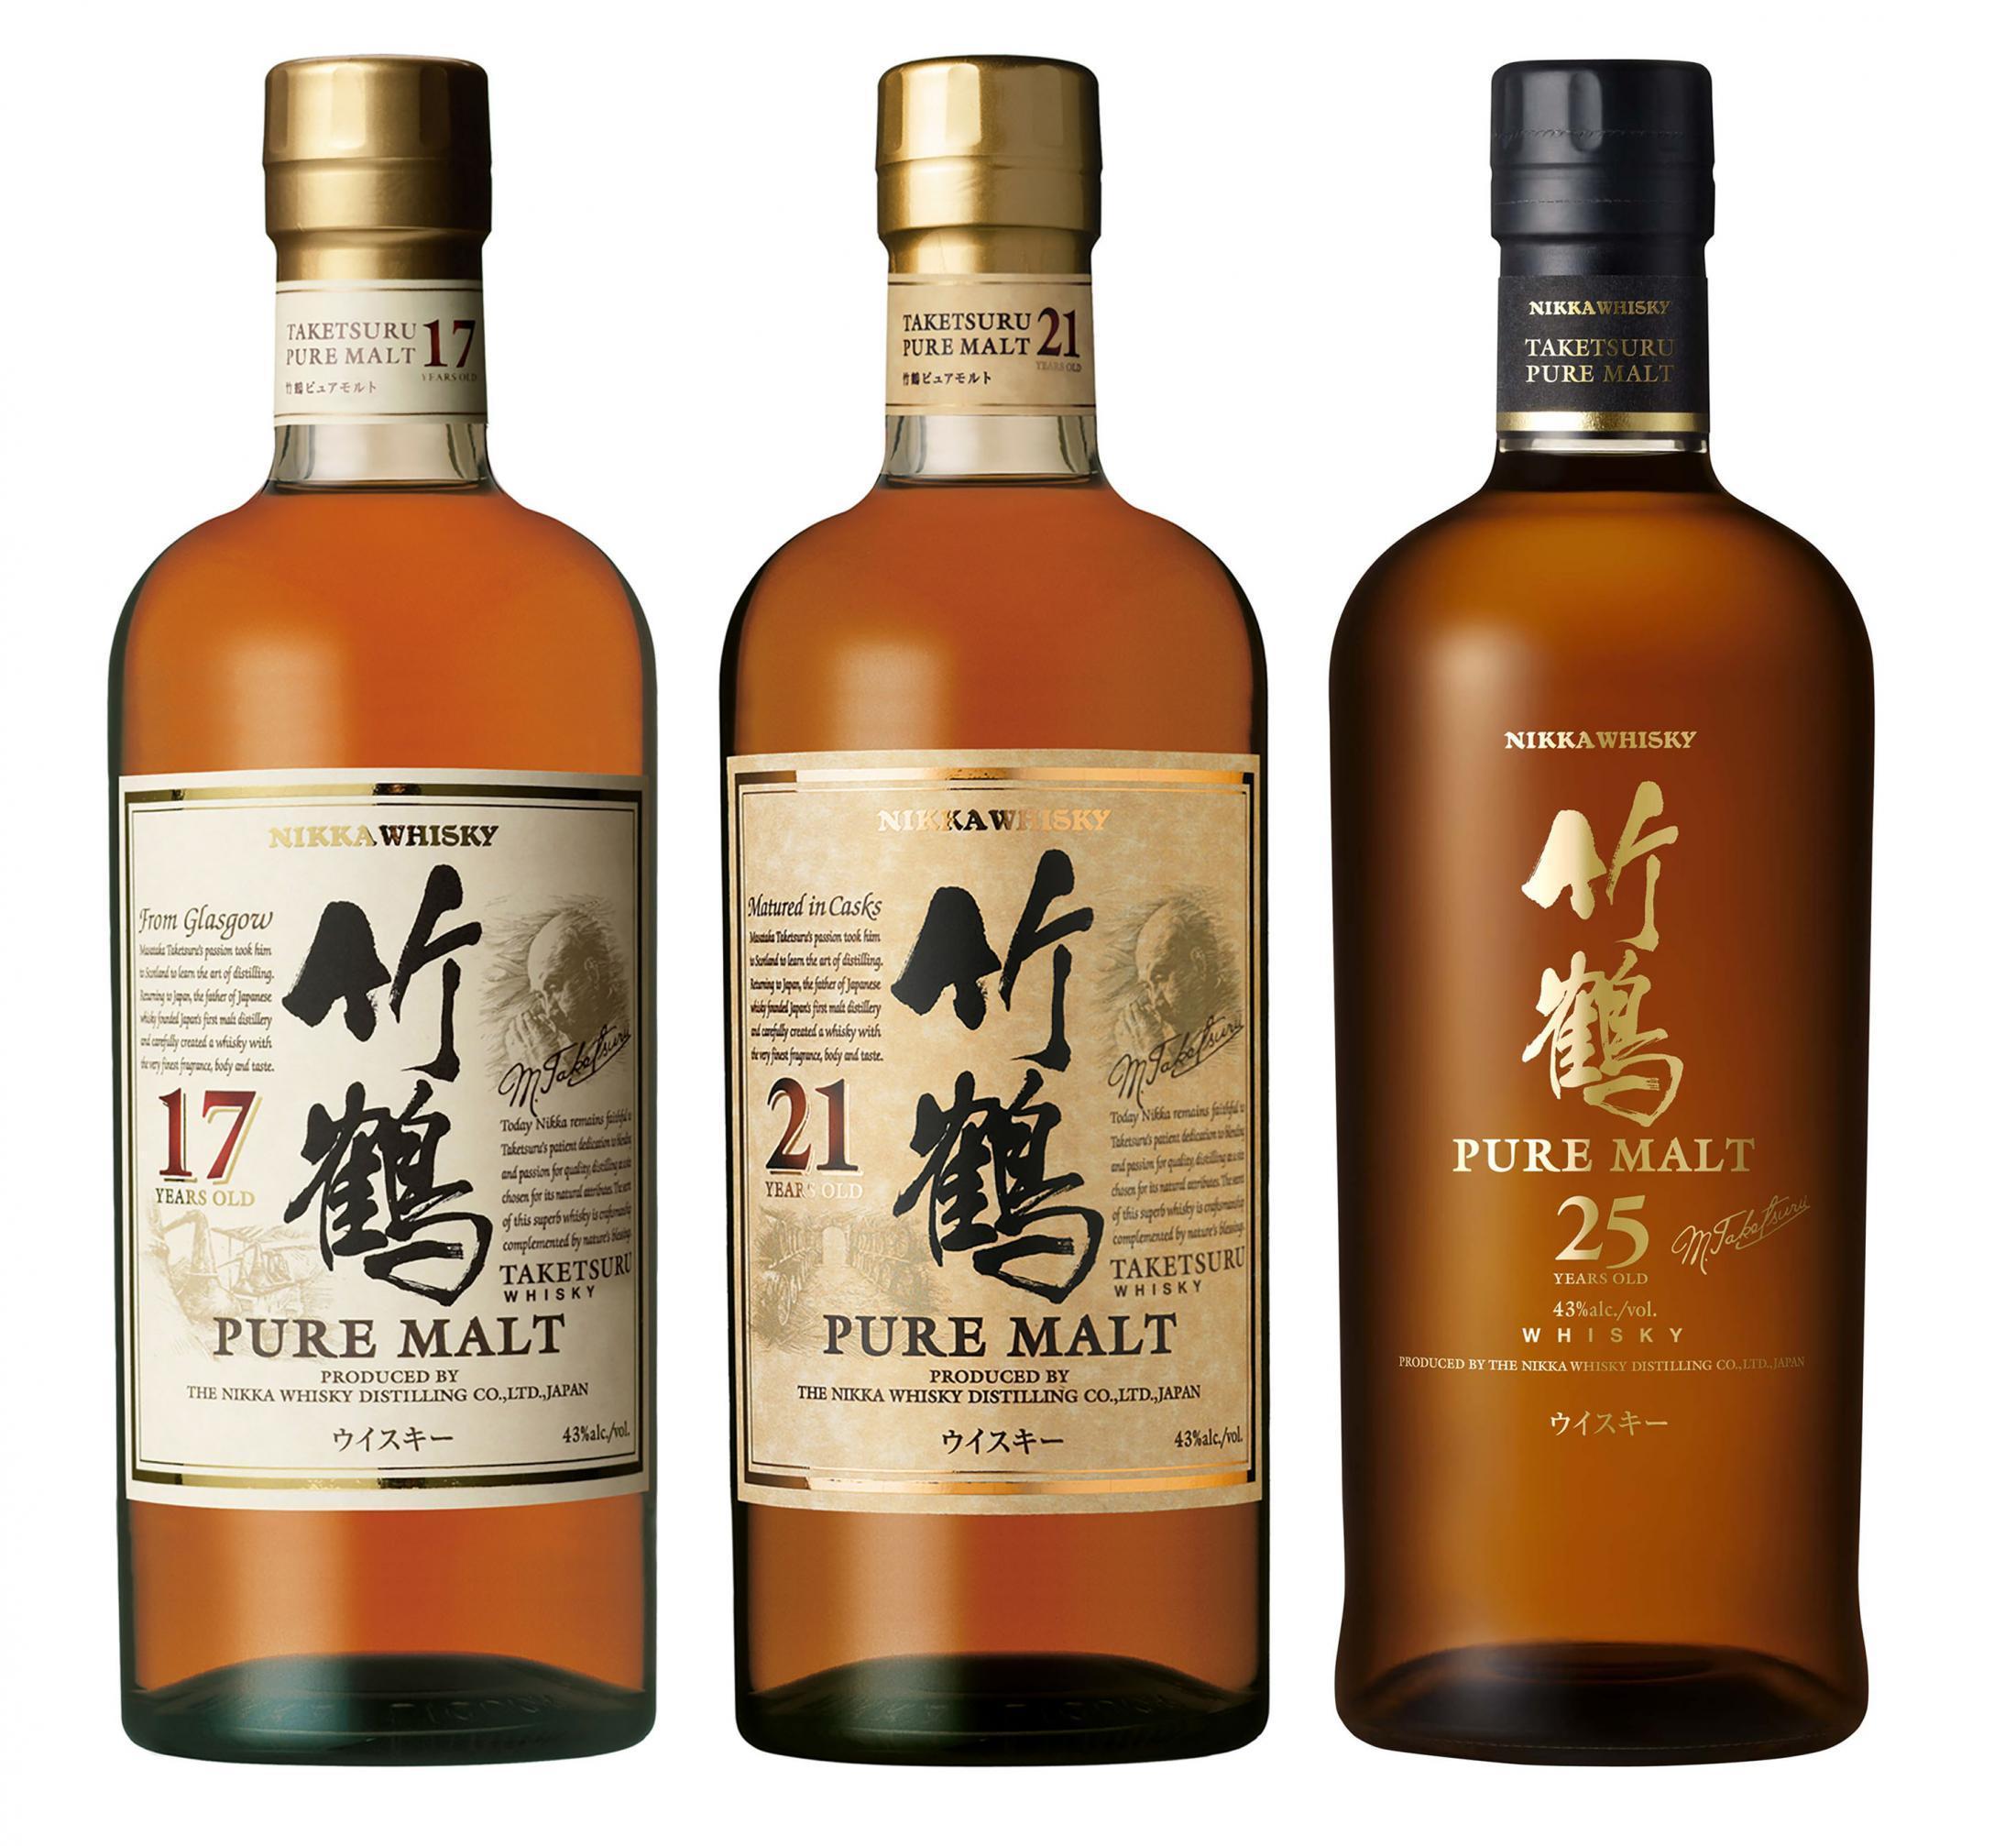 ニッカウヰスキー「竹鶴」3種類販売終了へ 原酒が足りないため